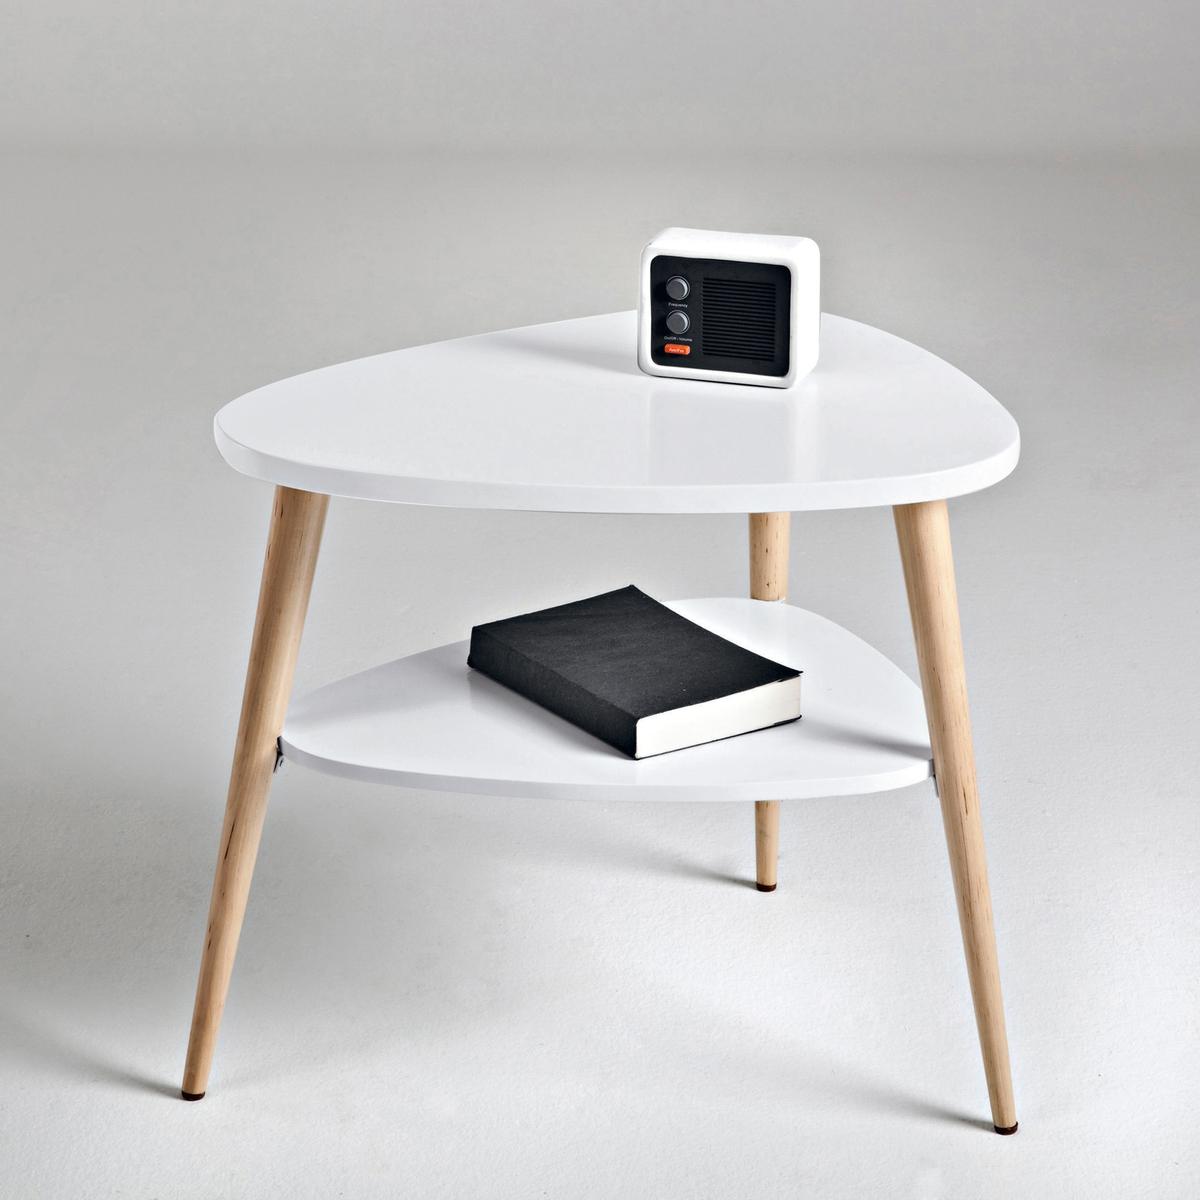 Столик прикроватный в винтажном стиле Jimi столик прикроватный в винтажном стиле jimi